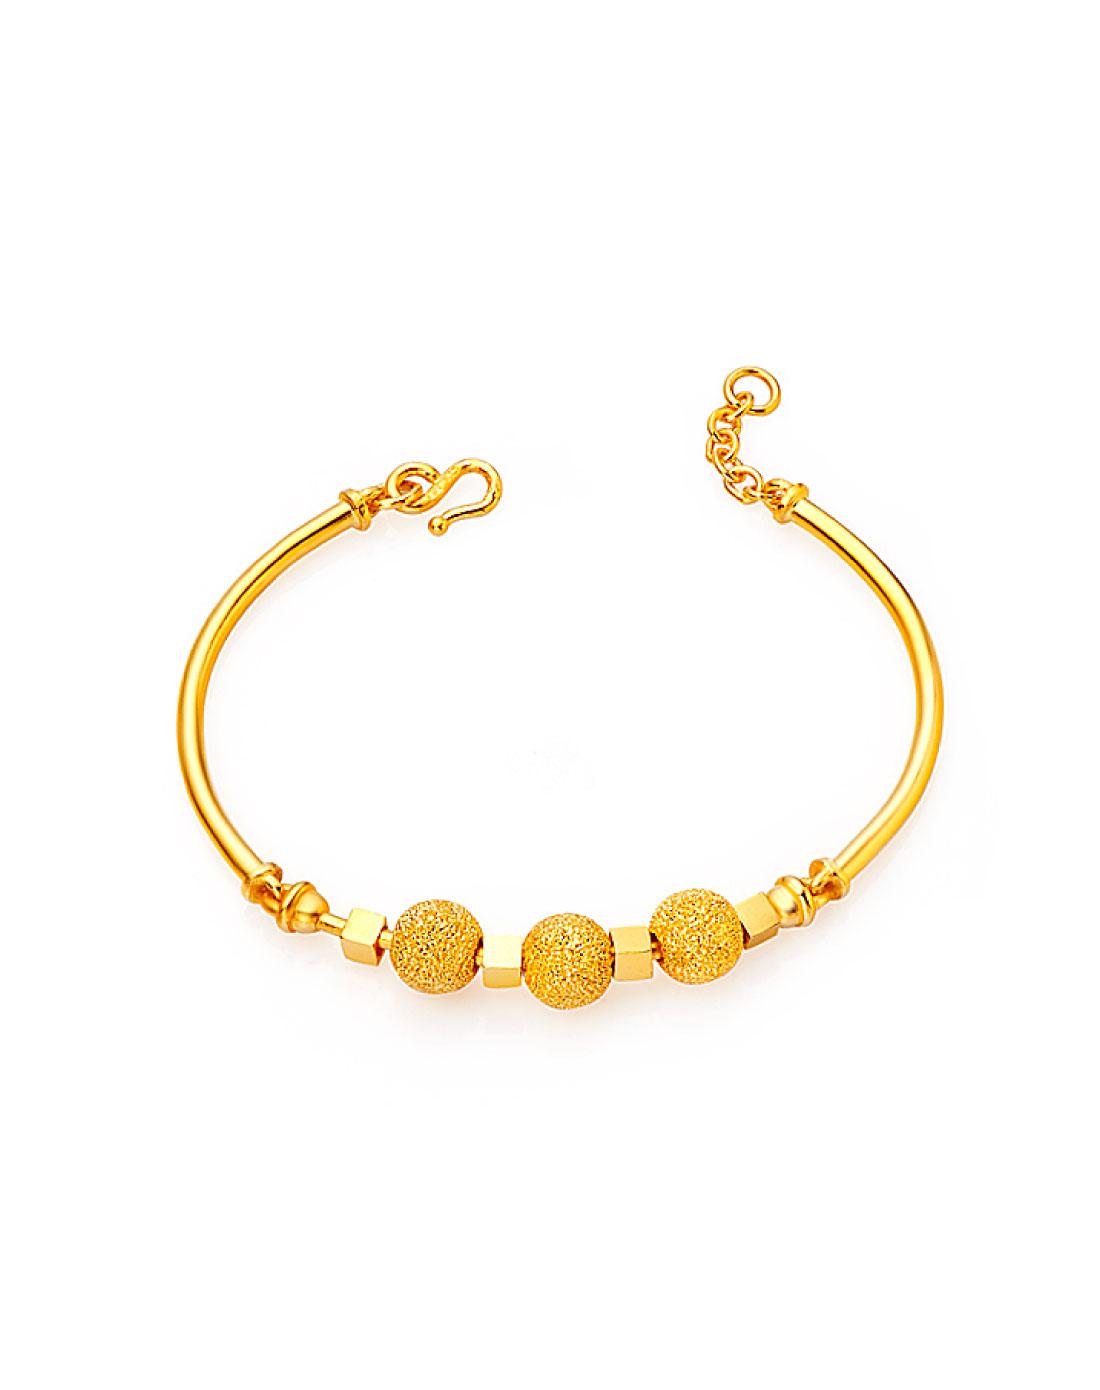 黄金手镯和黄金手链_黄金手链_女式貔貅黄金手链图片